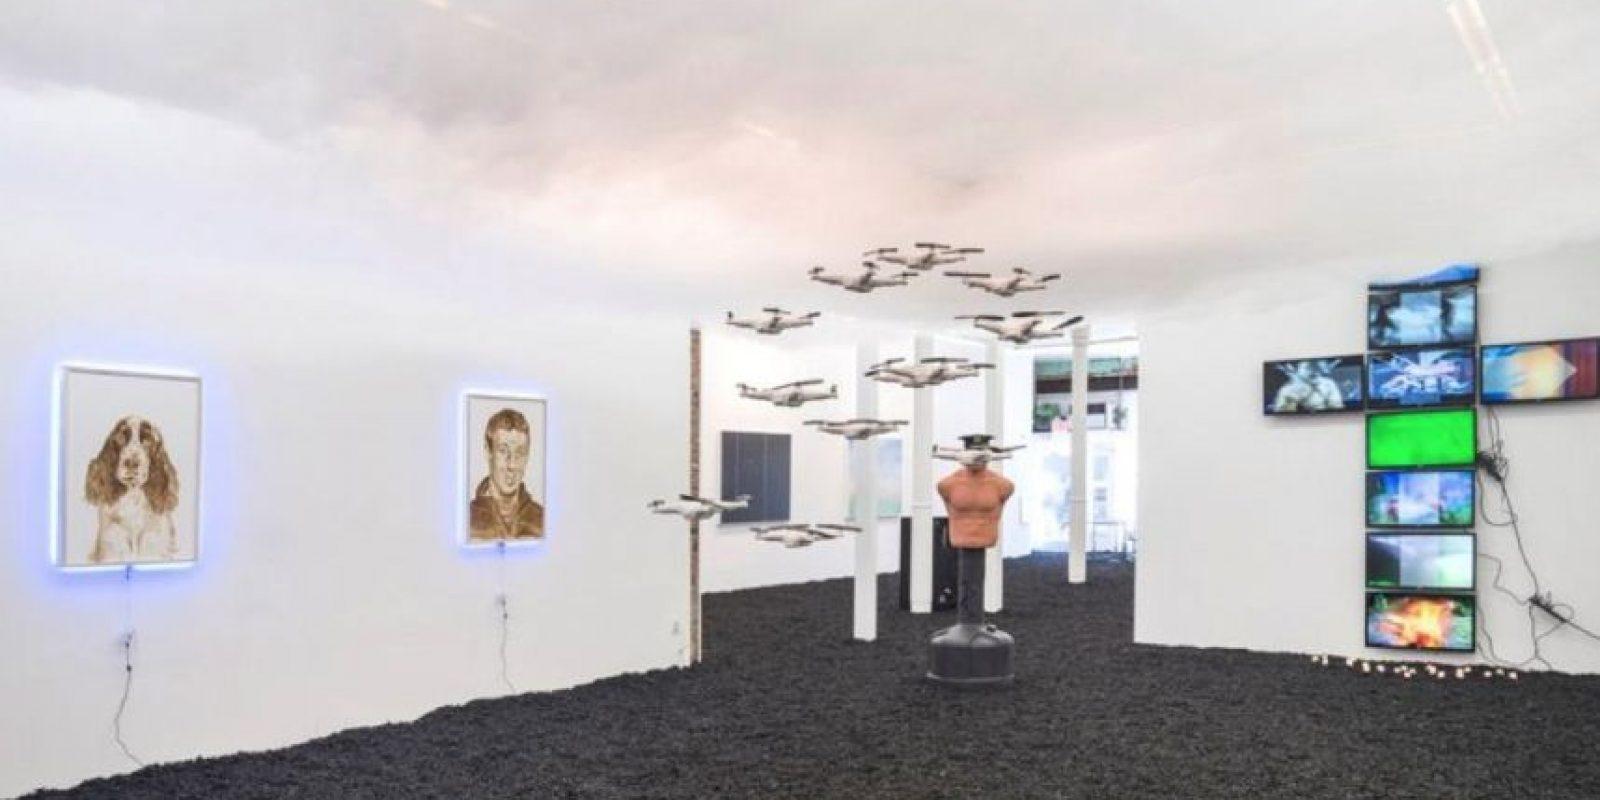 La pieza realizada por Katsu se encuentra en The Hole, un museo neoyorkino. Foto:facebook.com/TheHoleNYC